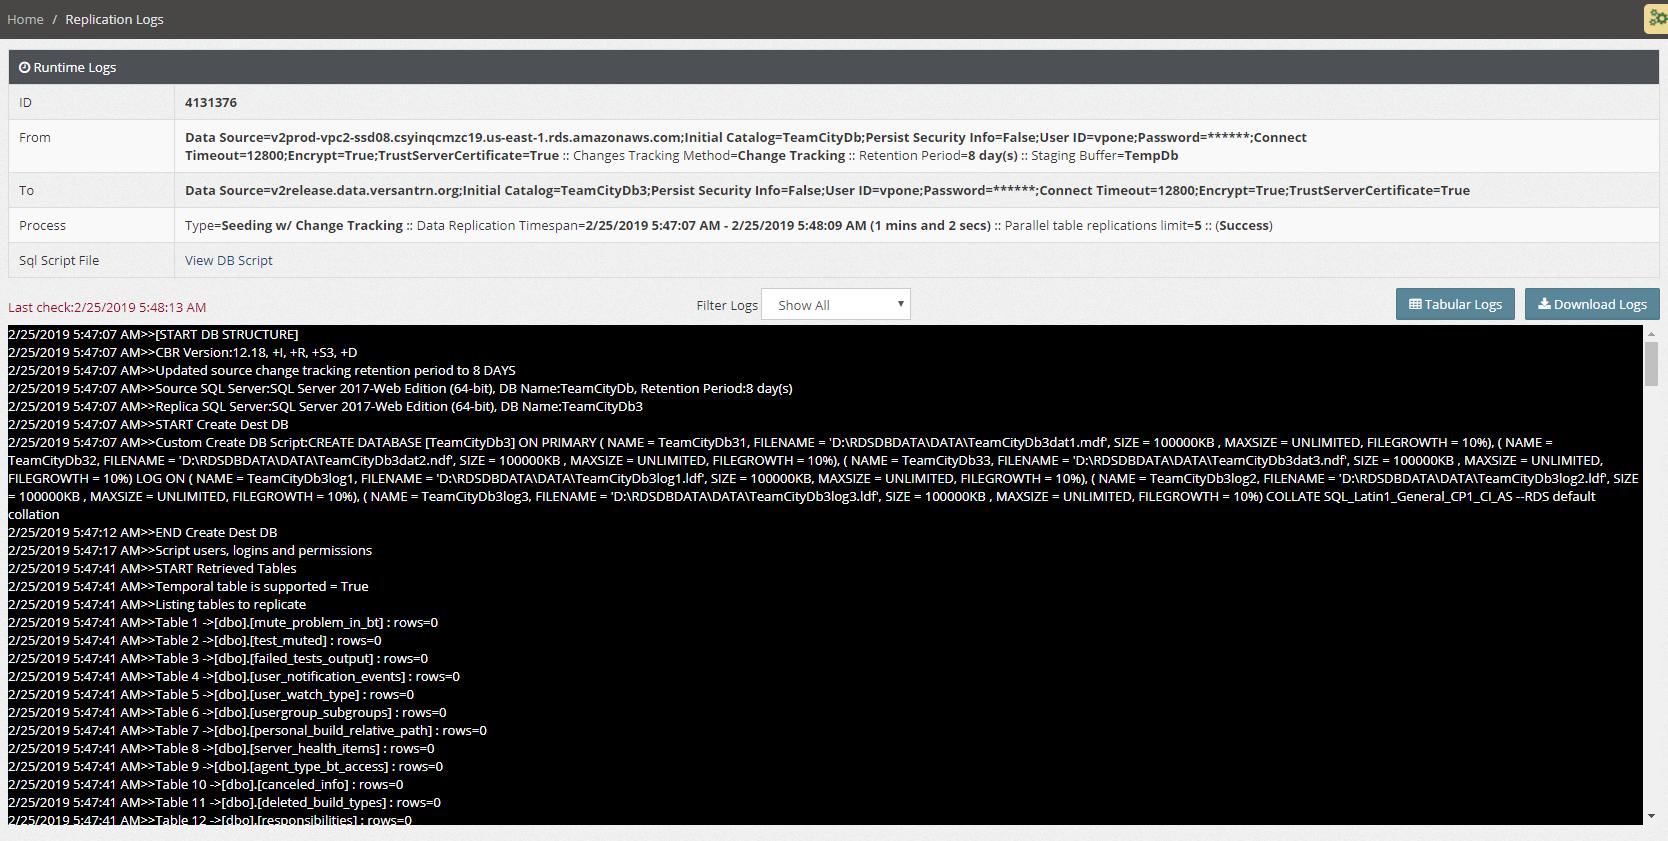 SQL Server to SQL Server replication - CloudBasic